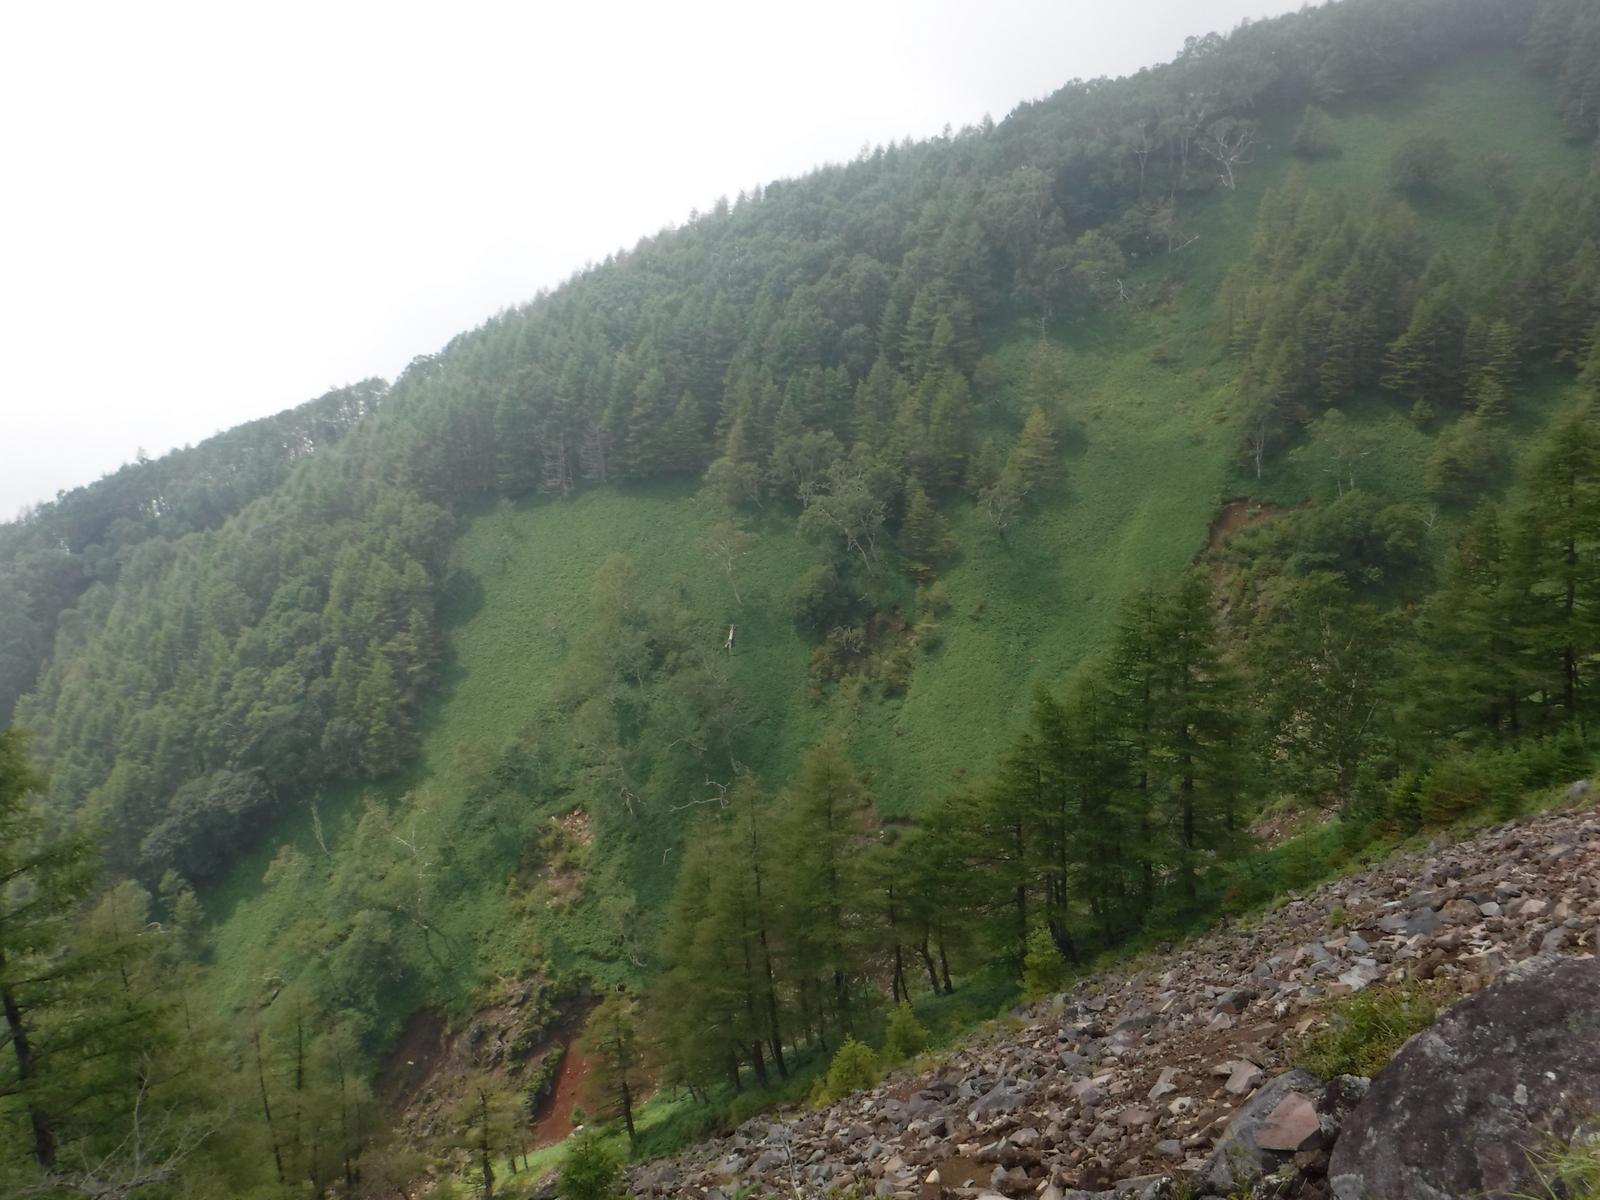 山頂下の、急な笹原、獣道らしき跡がある